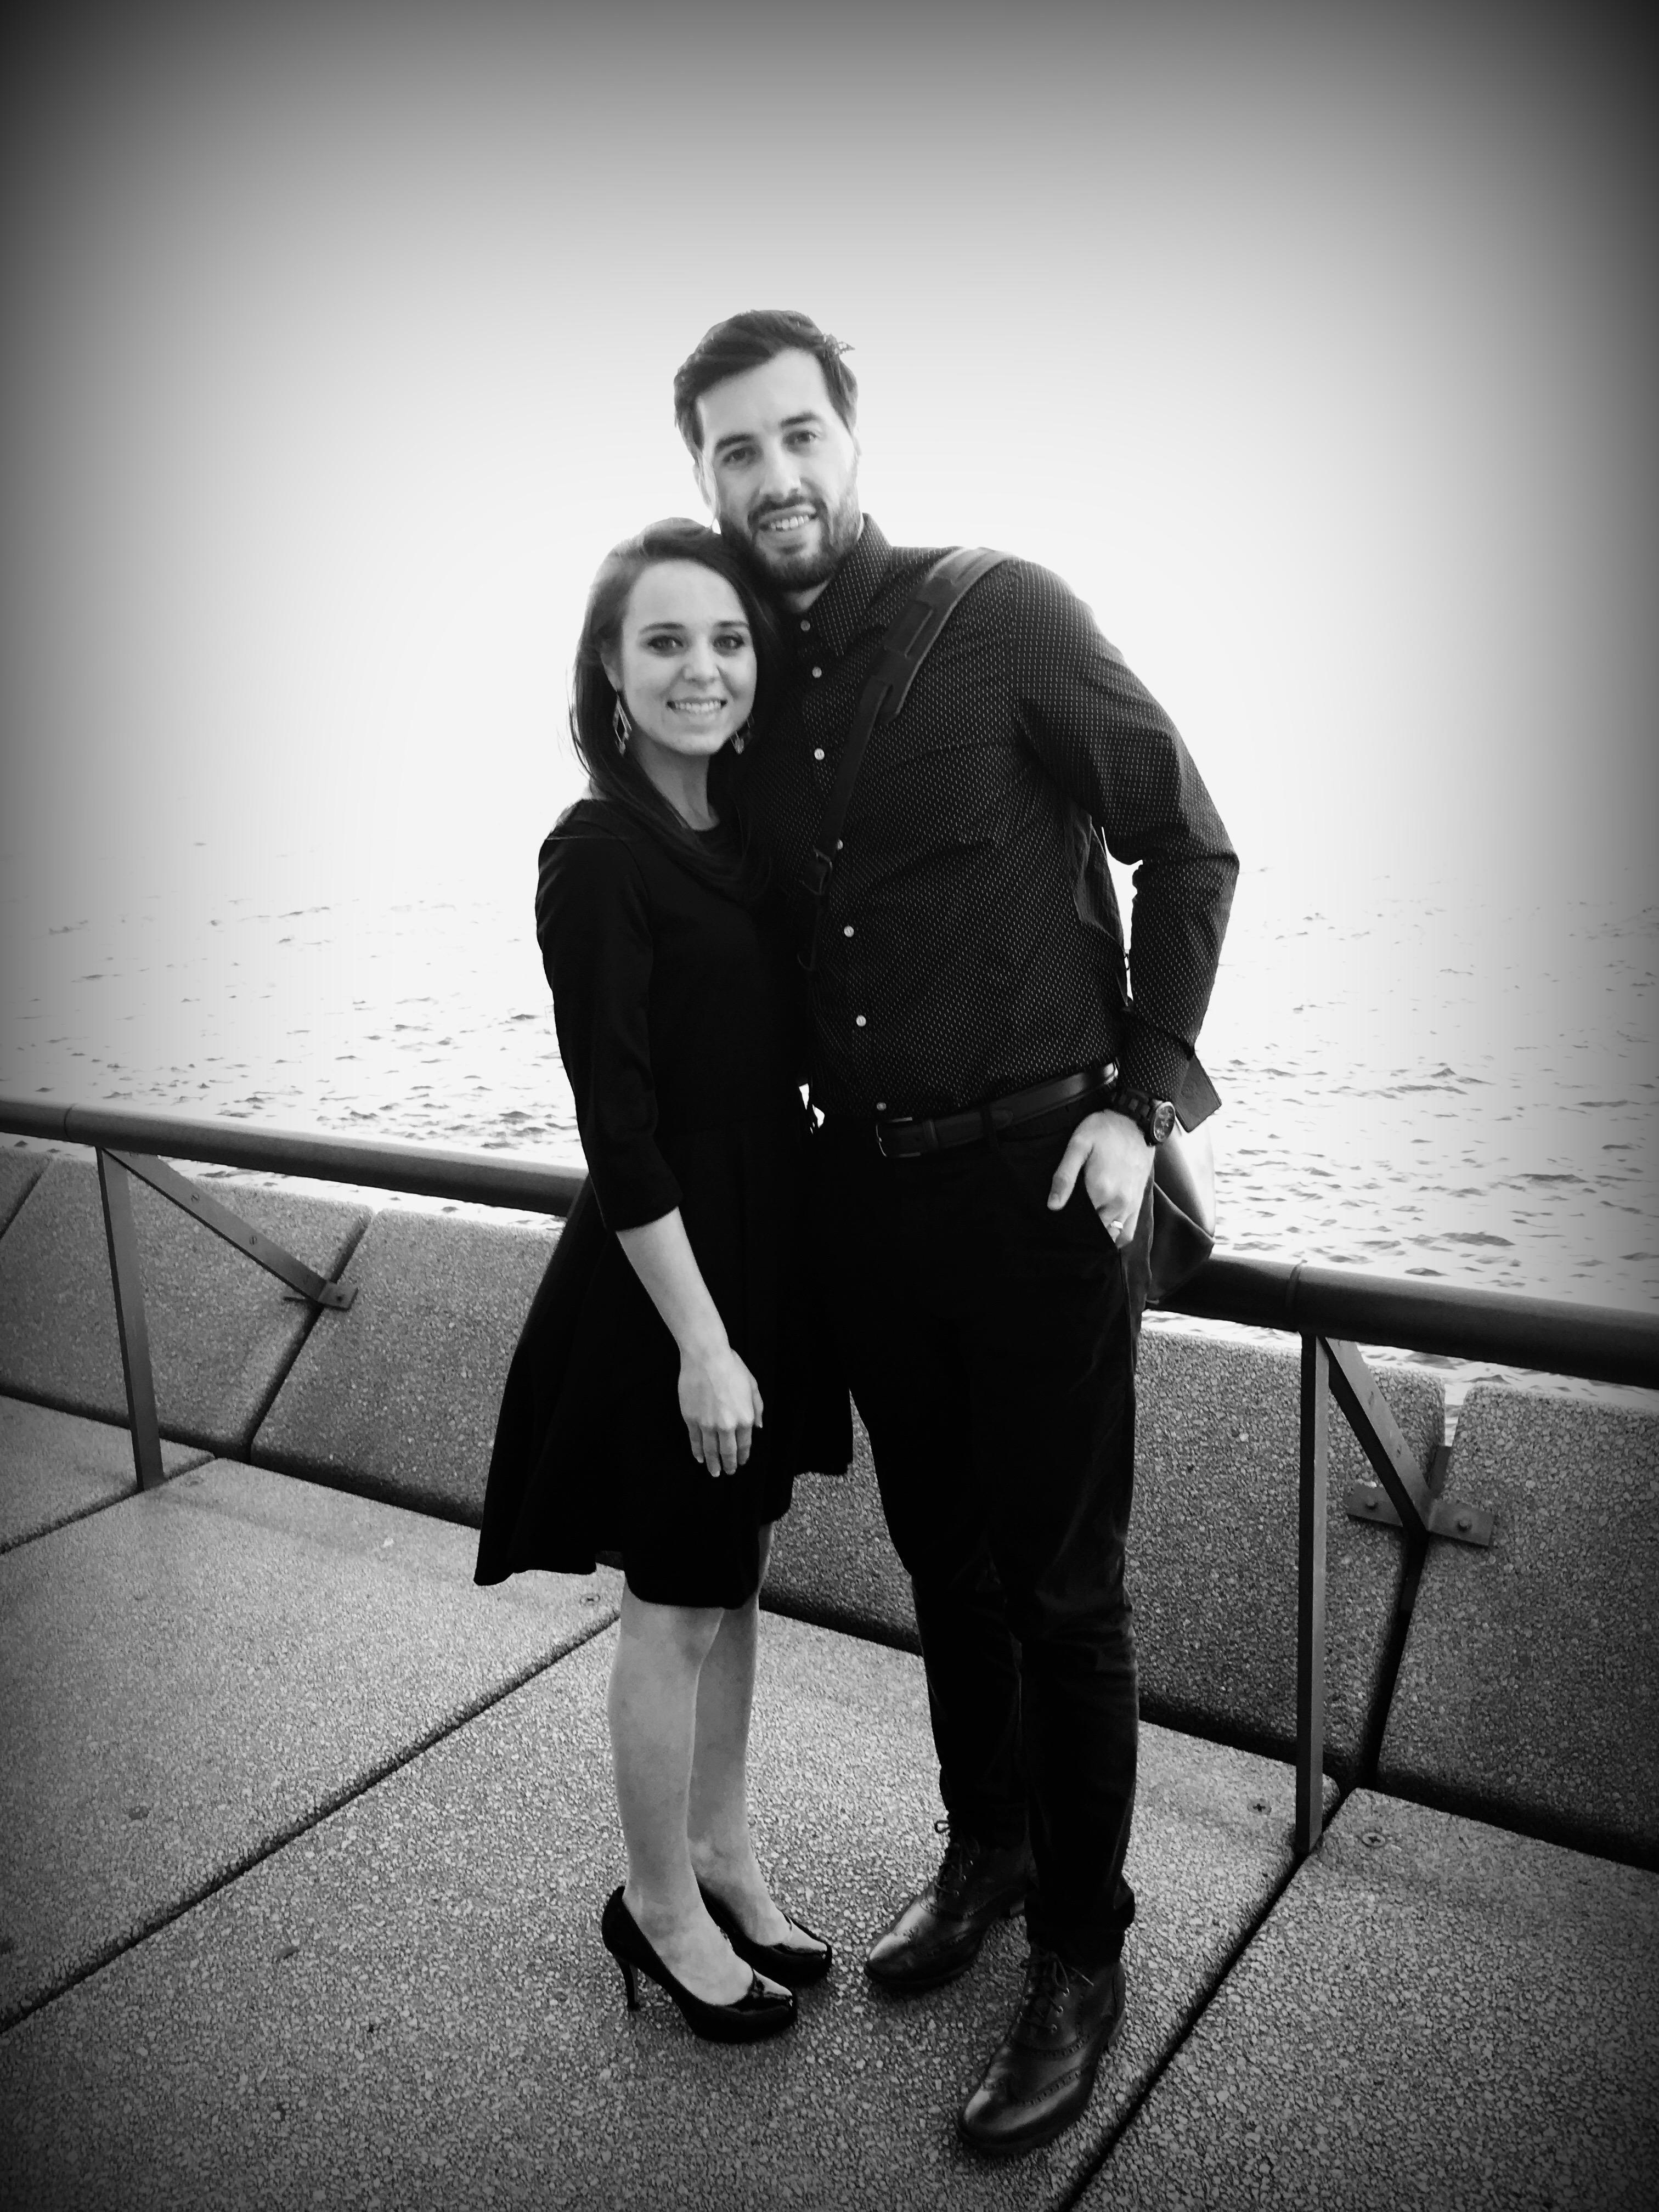 Vuolos on honeymoon